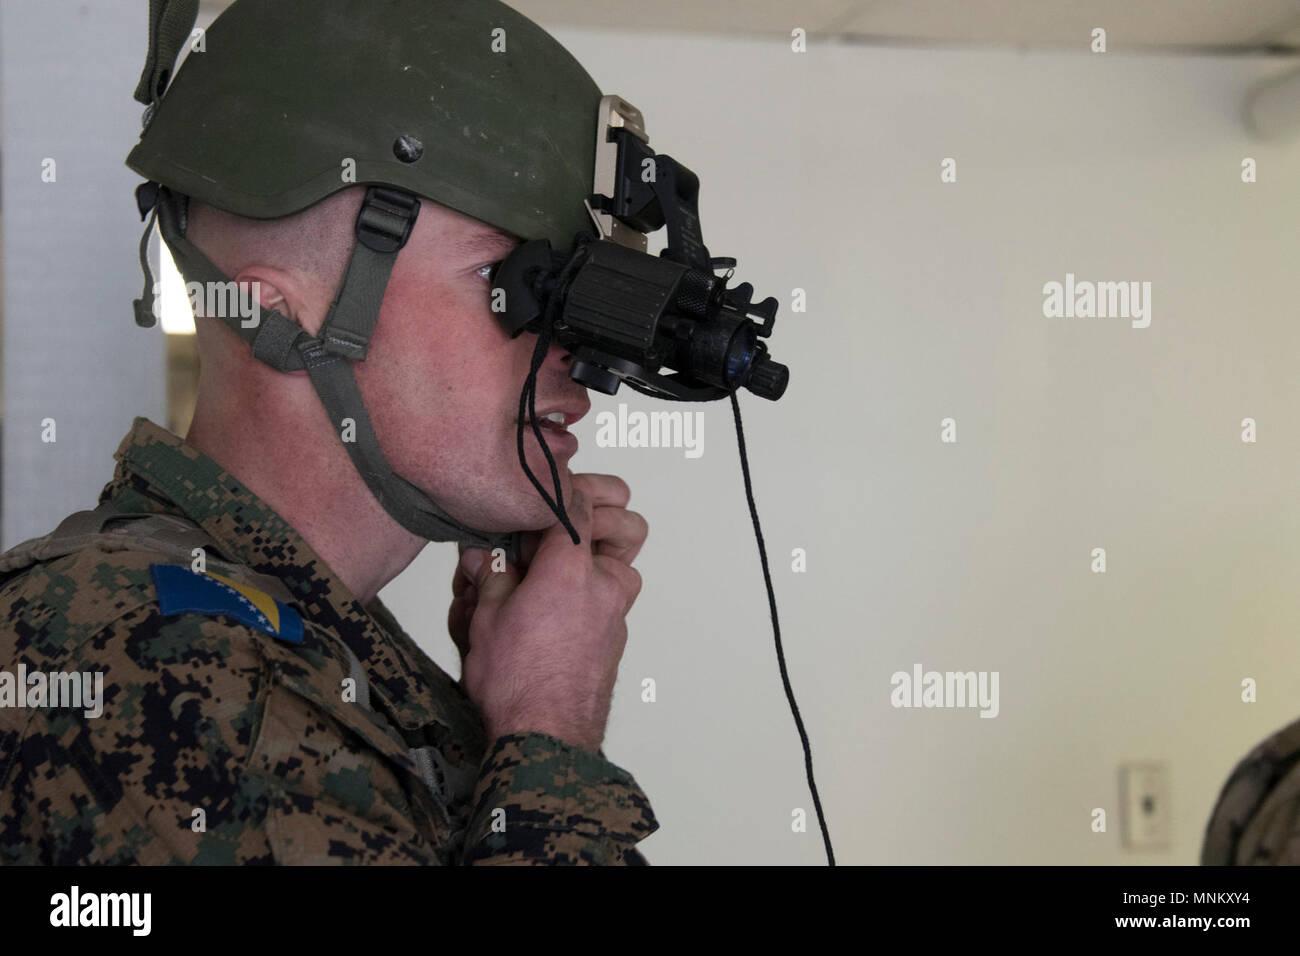 2. lt. marko vidovic streitkräfte von bosnien und herzegowina legt